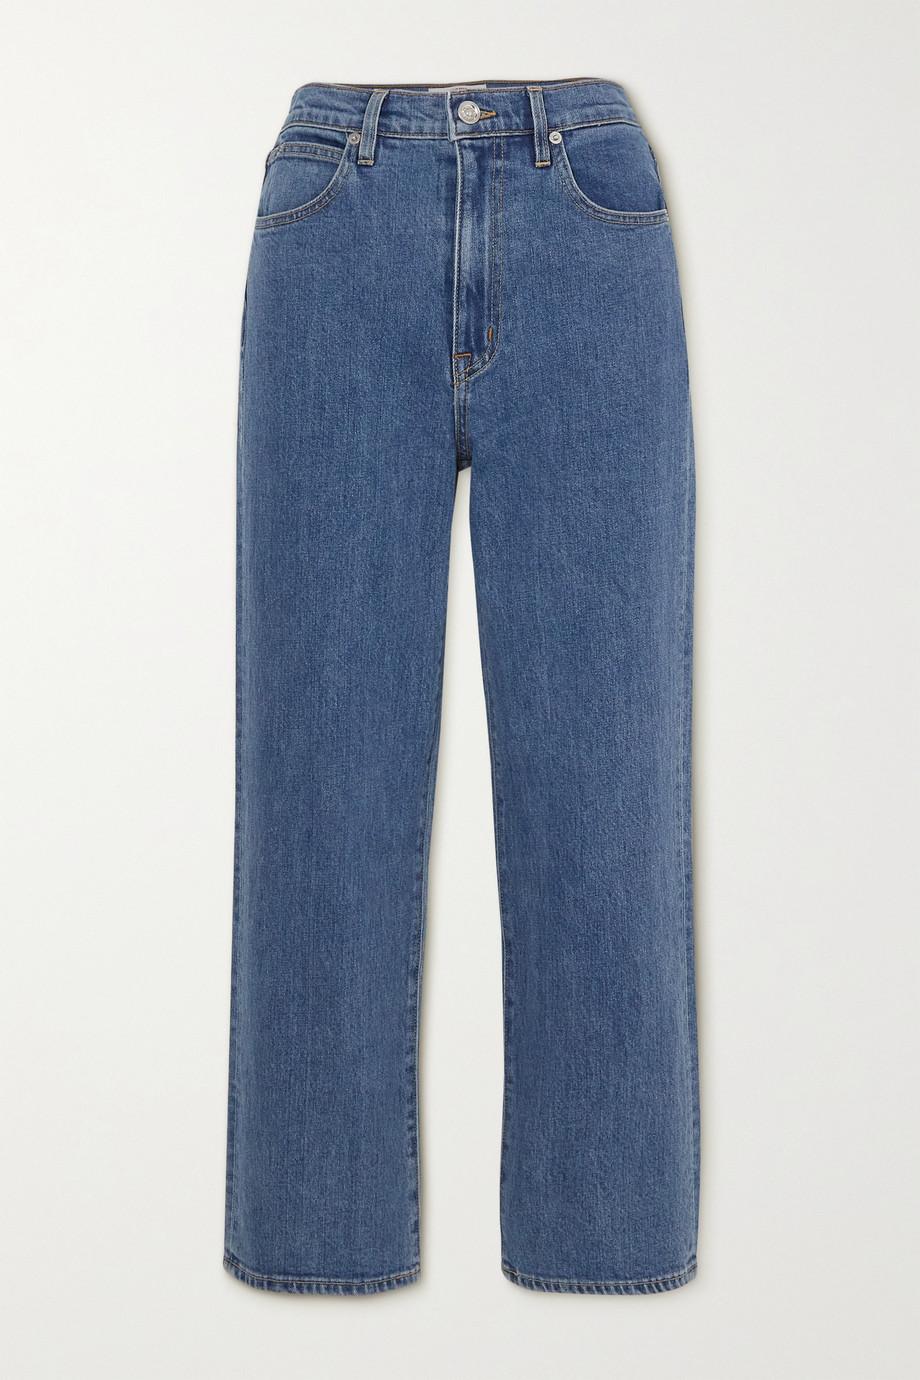 SLVRLAKE + NET SUSTAIN London verkürzte, hoch sitzende Jeans mit geradem Bein